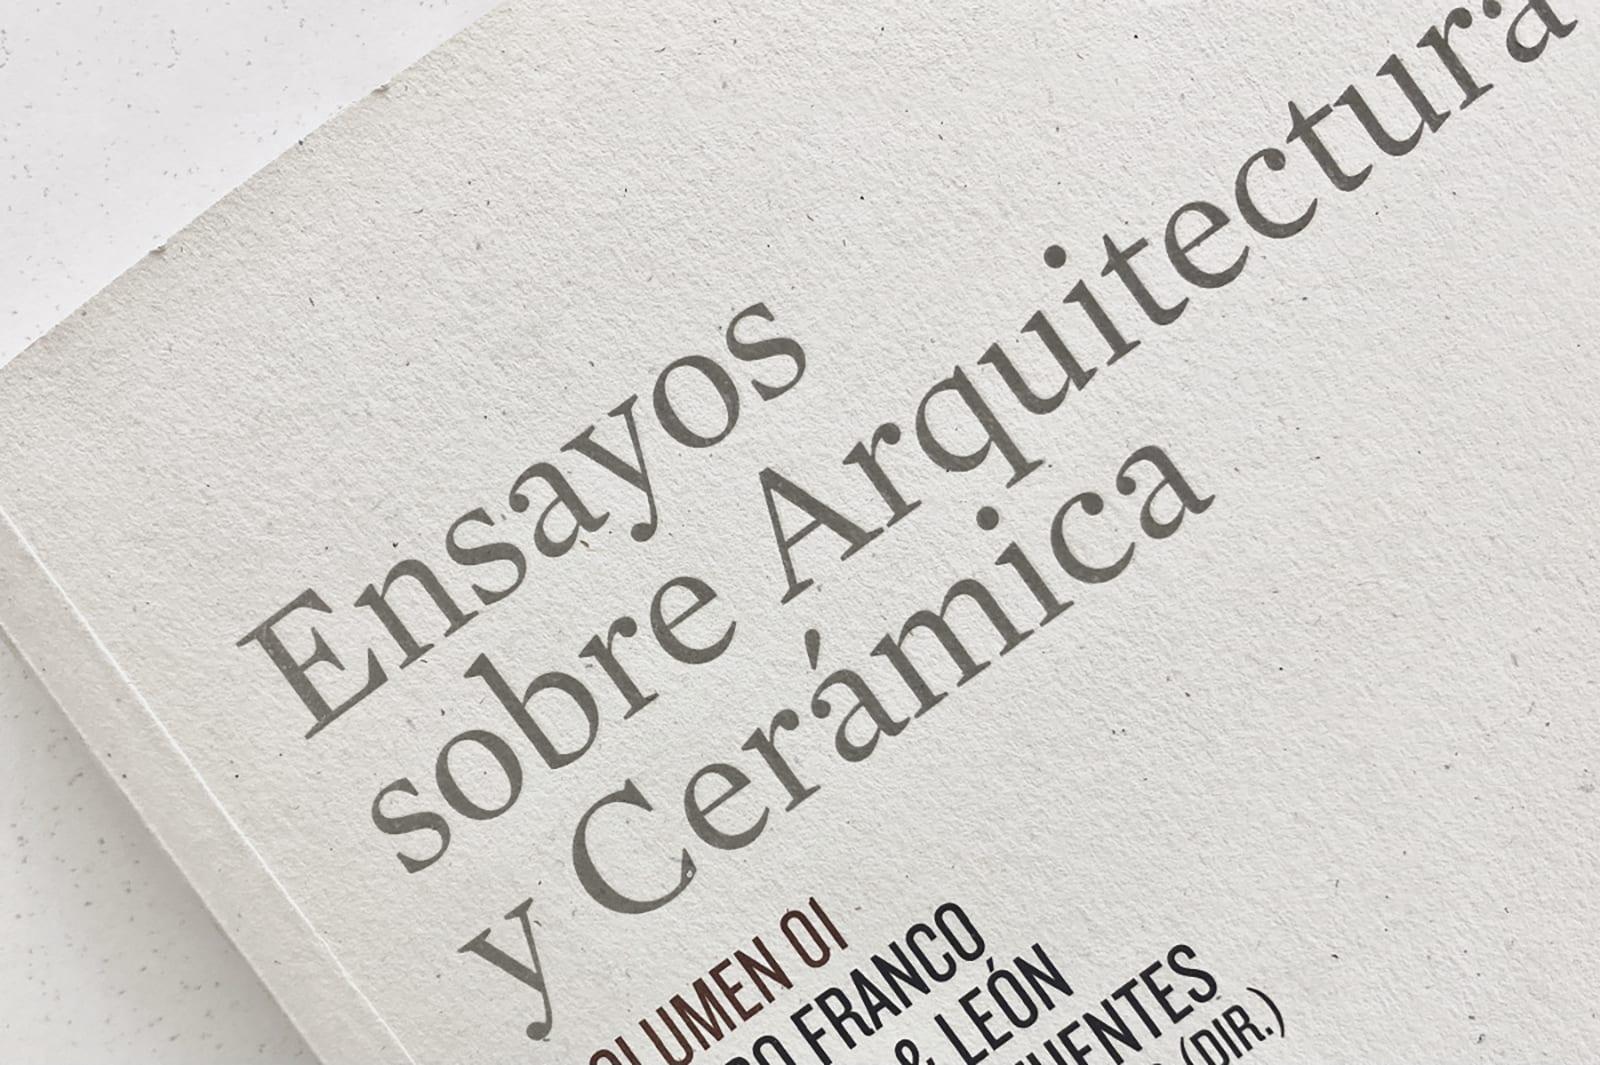 Ensayos sobre Arquitectura y Cerámica I